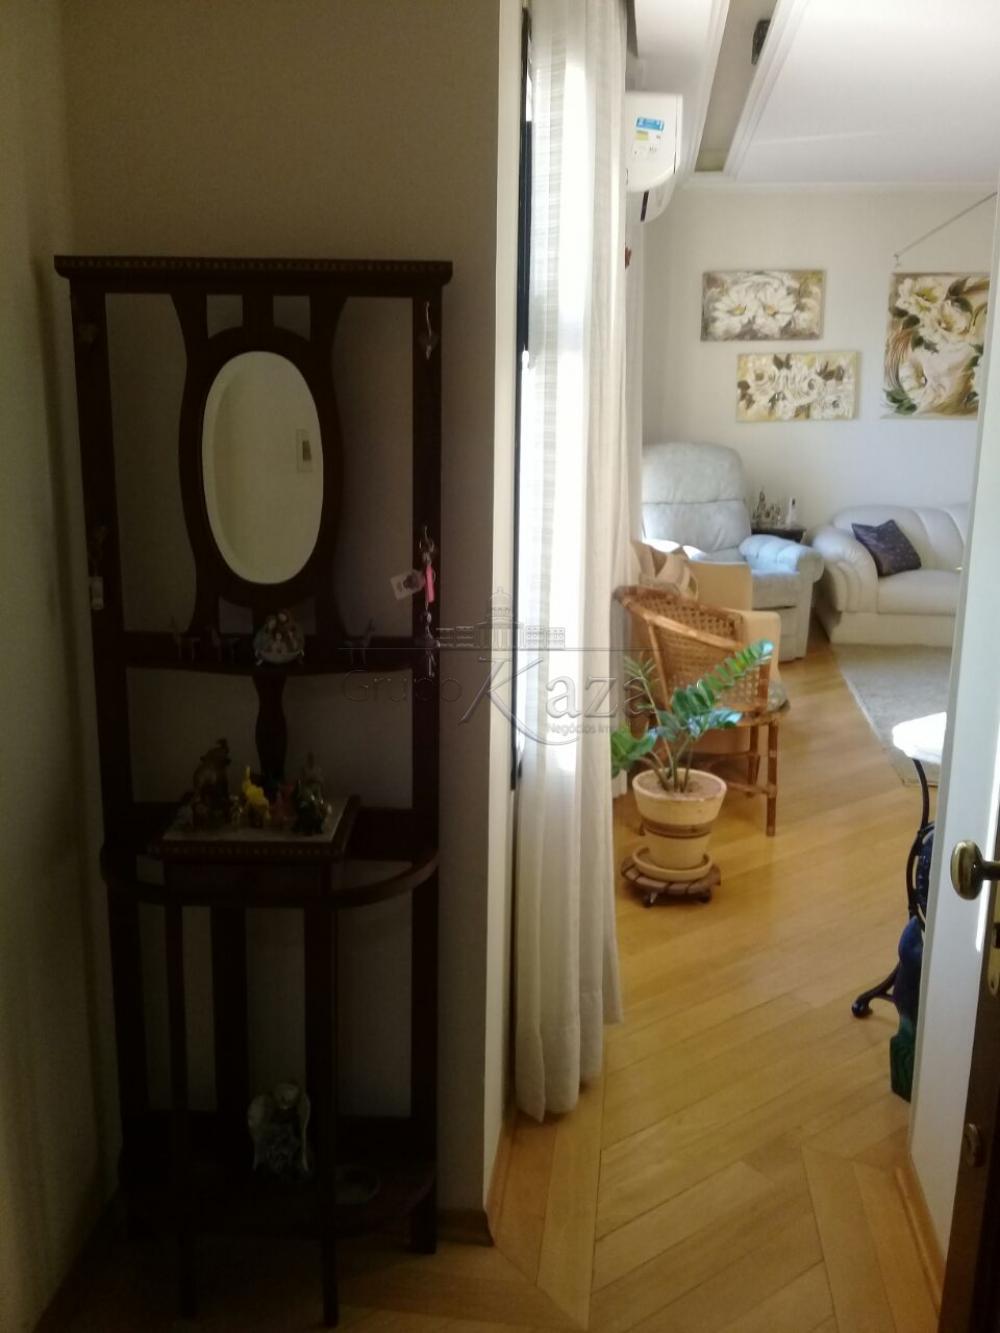 Alugar Apartamento / Padrão em São José dos Campos apenas R$ 2.200,00 - Foto 27